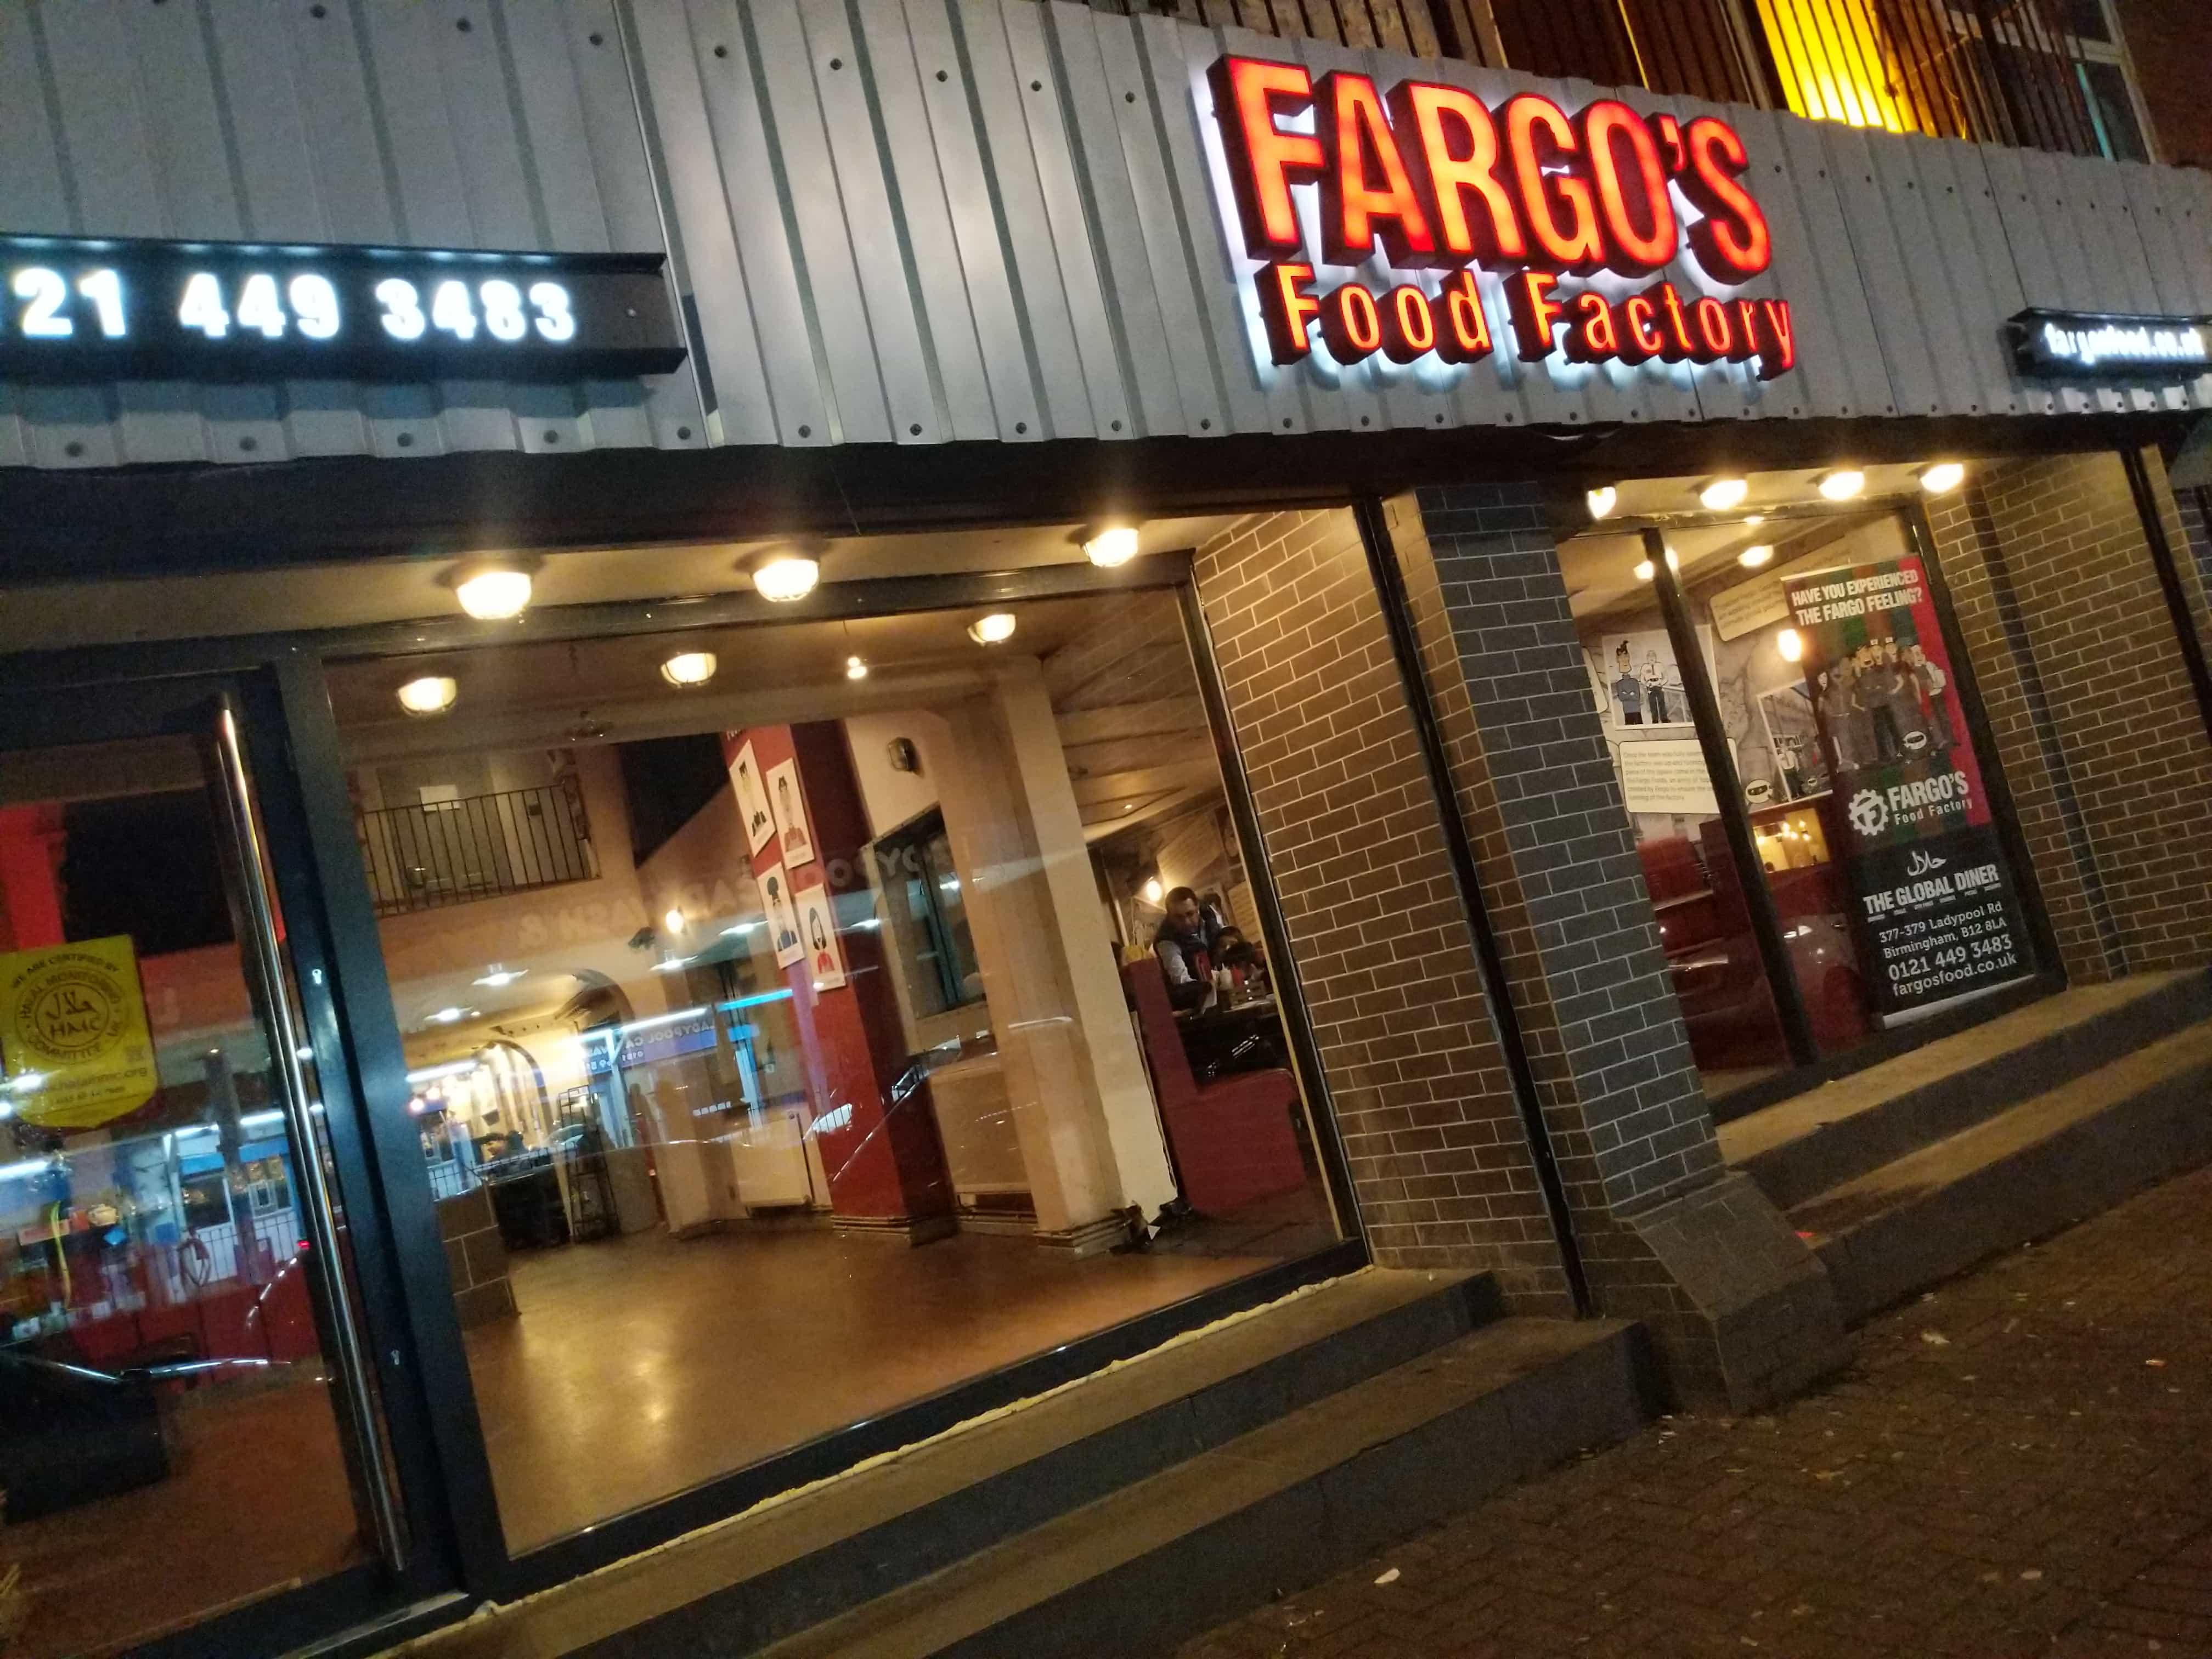 Fargo's Food Factory